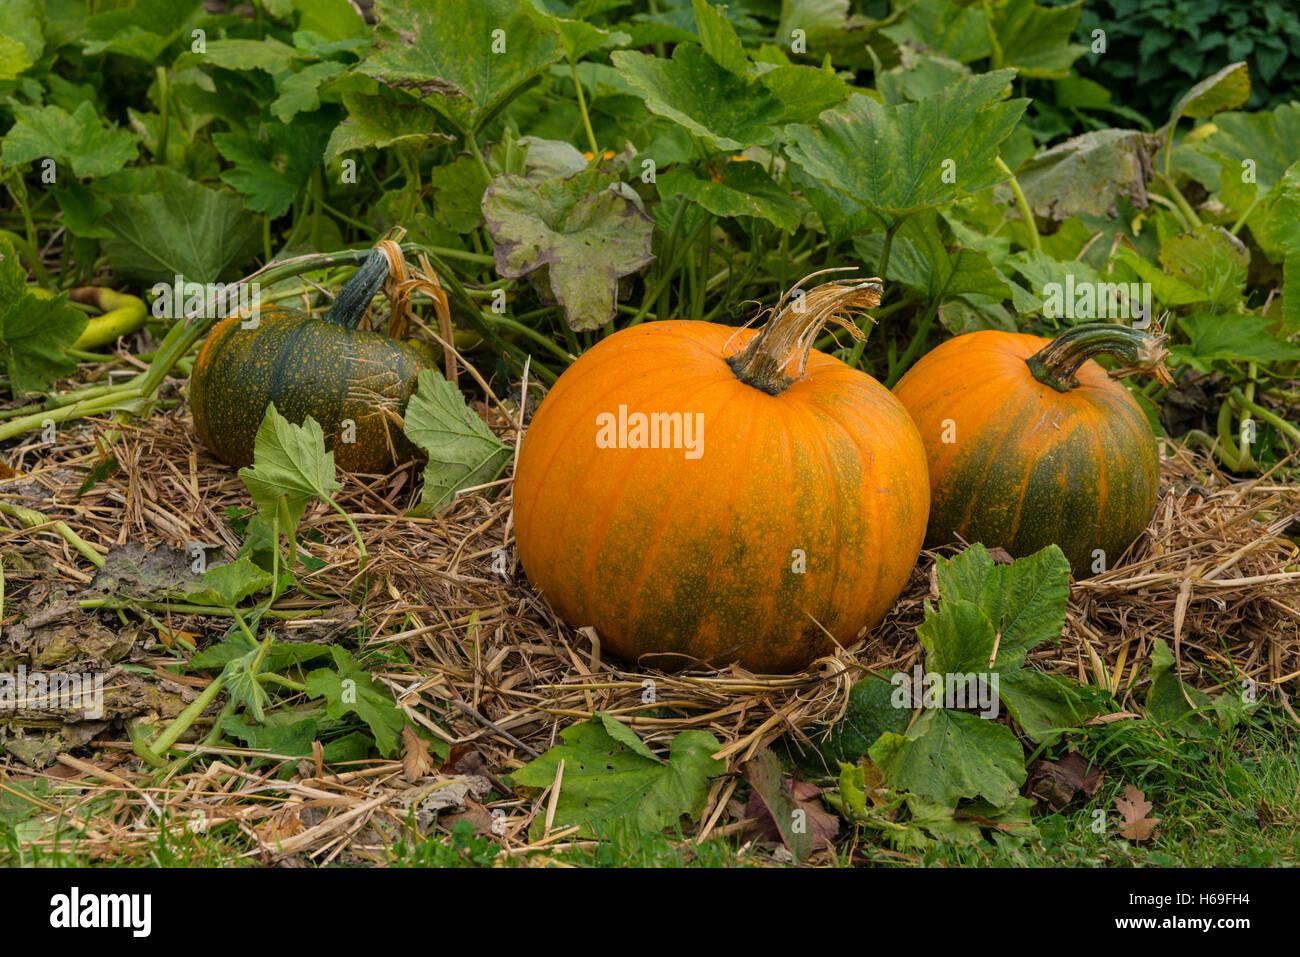 pumpkins growning in garden - Stock Image